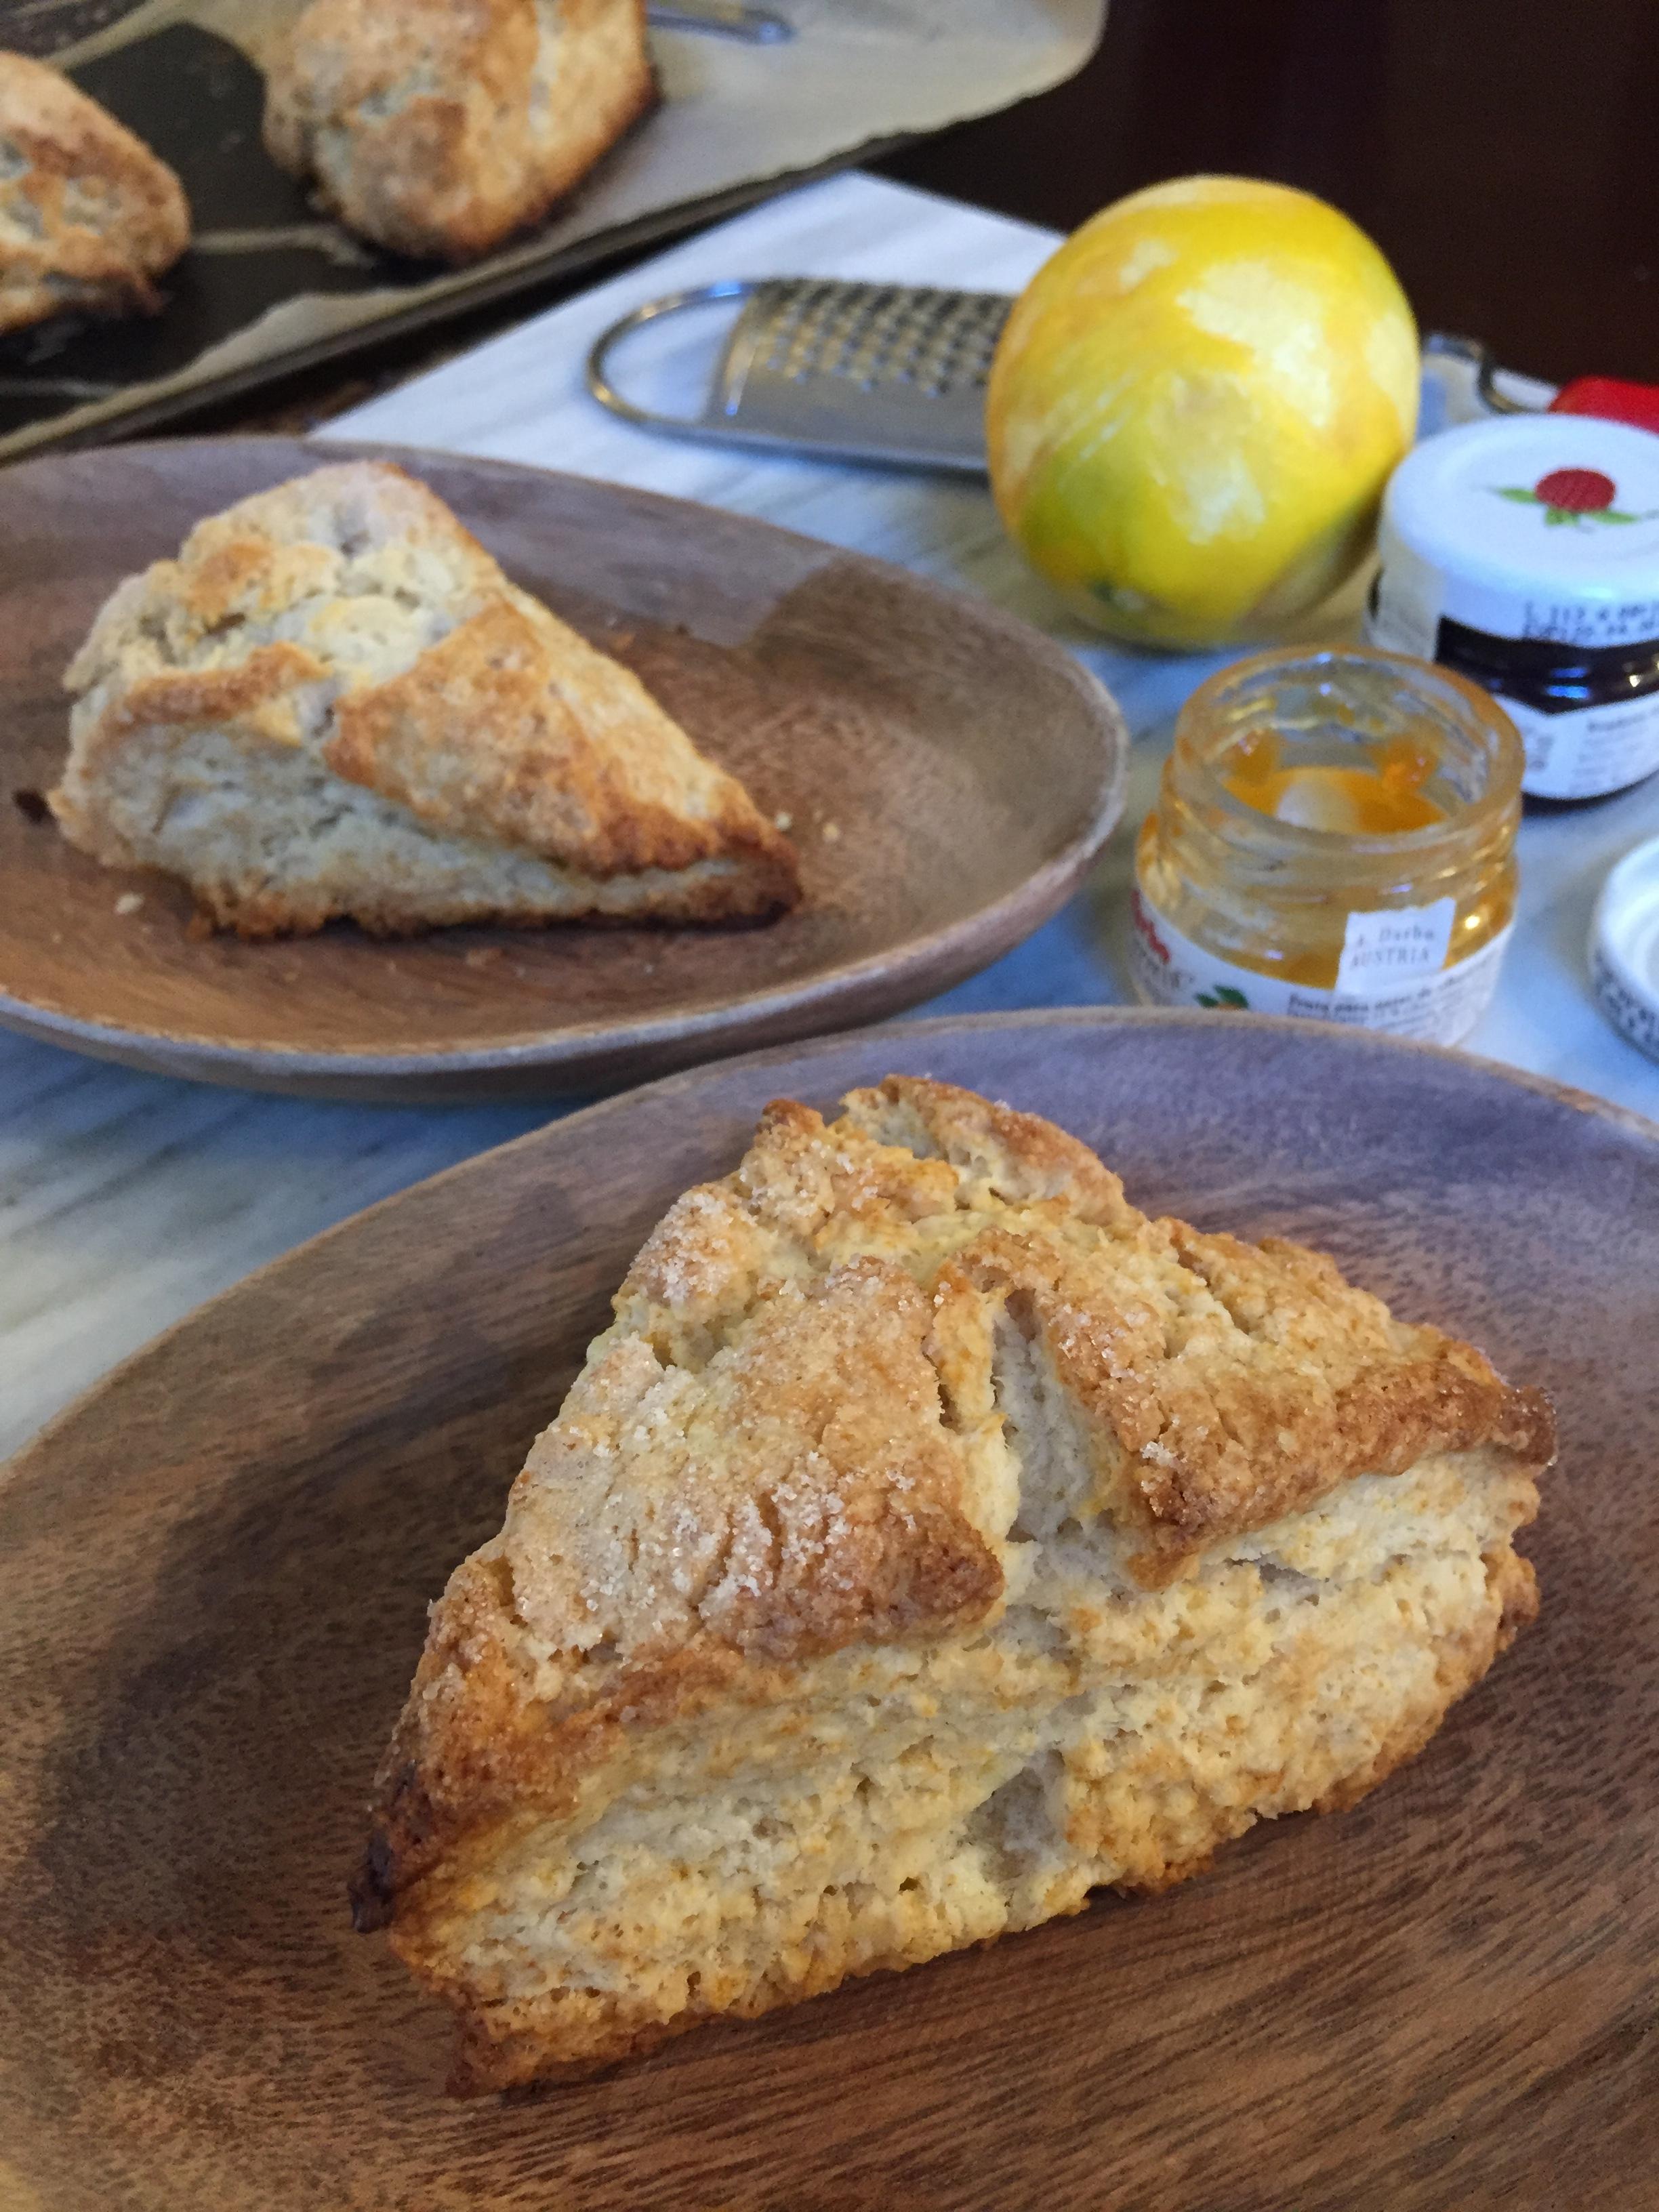 24hourkitchen-buttermilk-scones-tartine